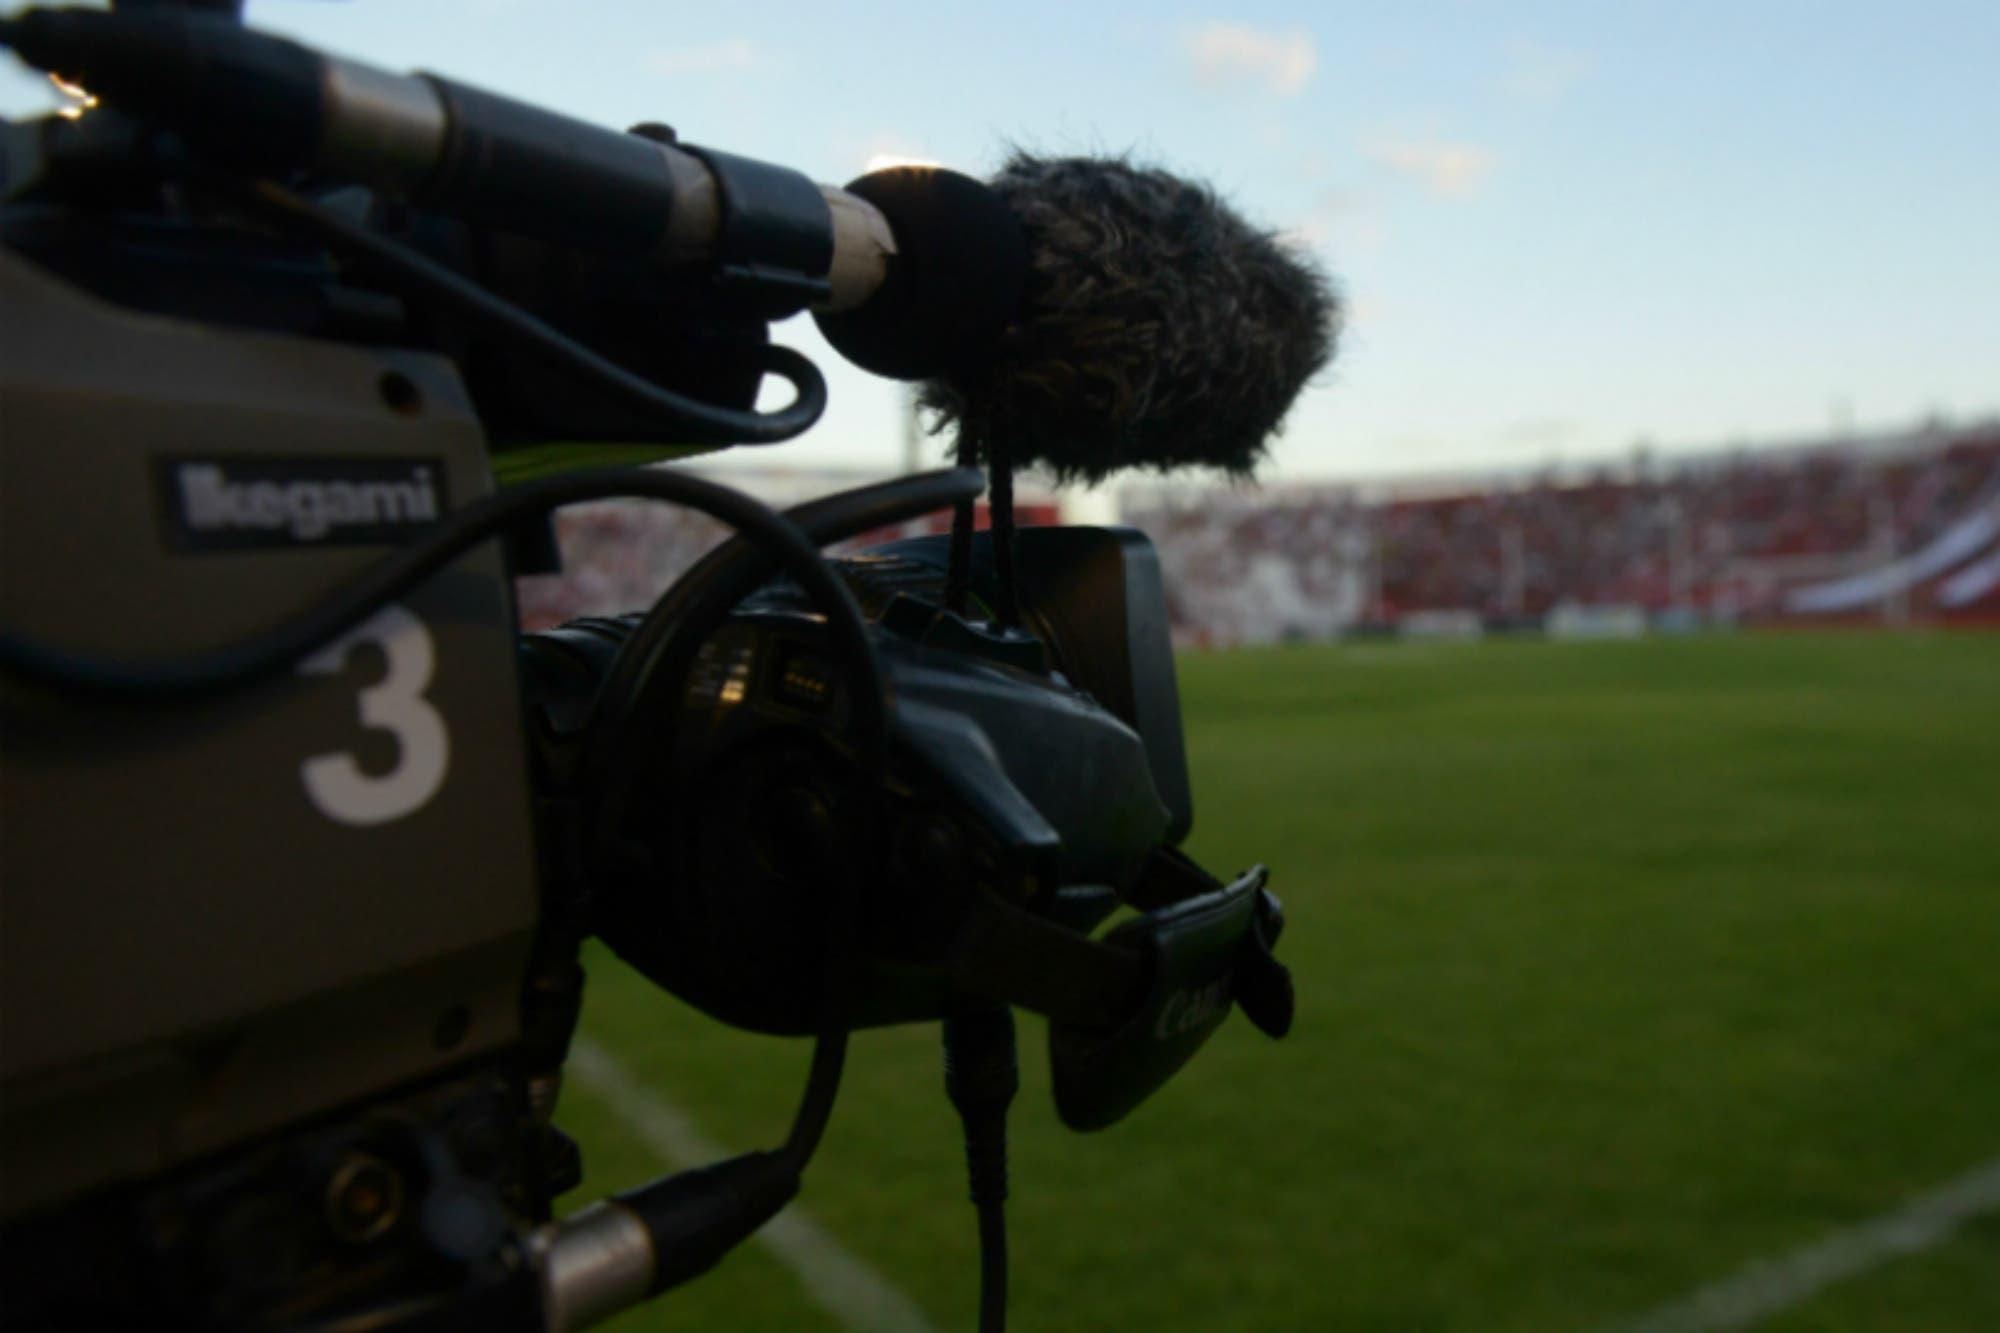 La TV del fútbol. Preguntas y respuestas sobre el futuro de las transmisiones de los partidos